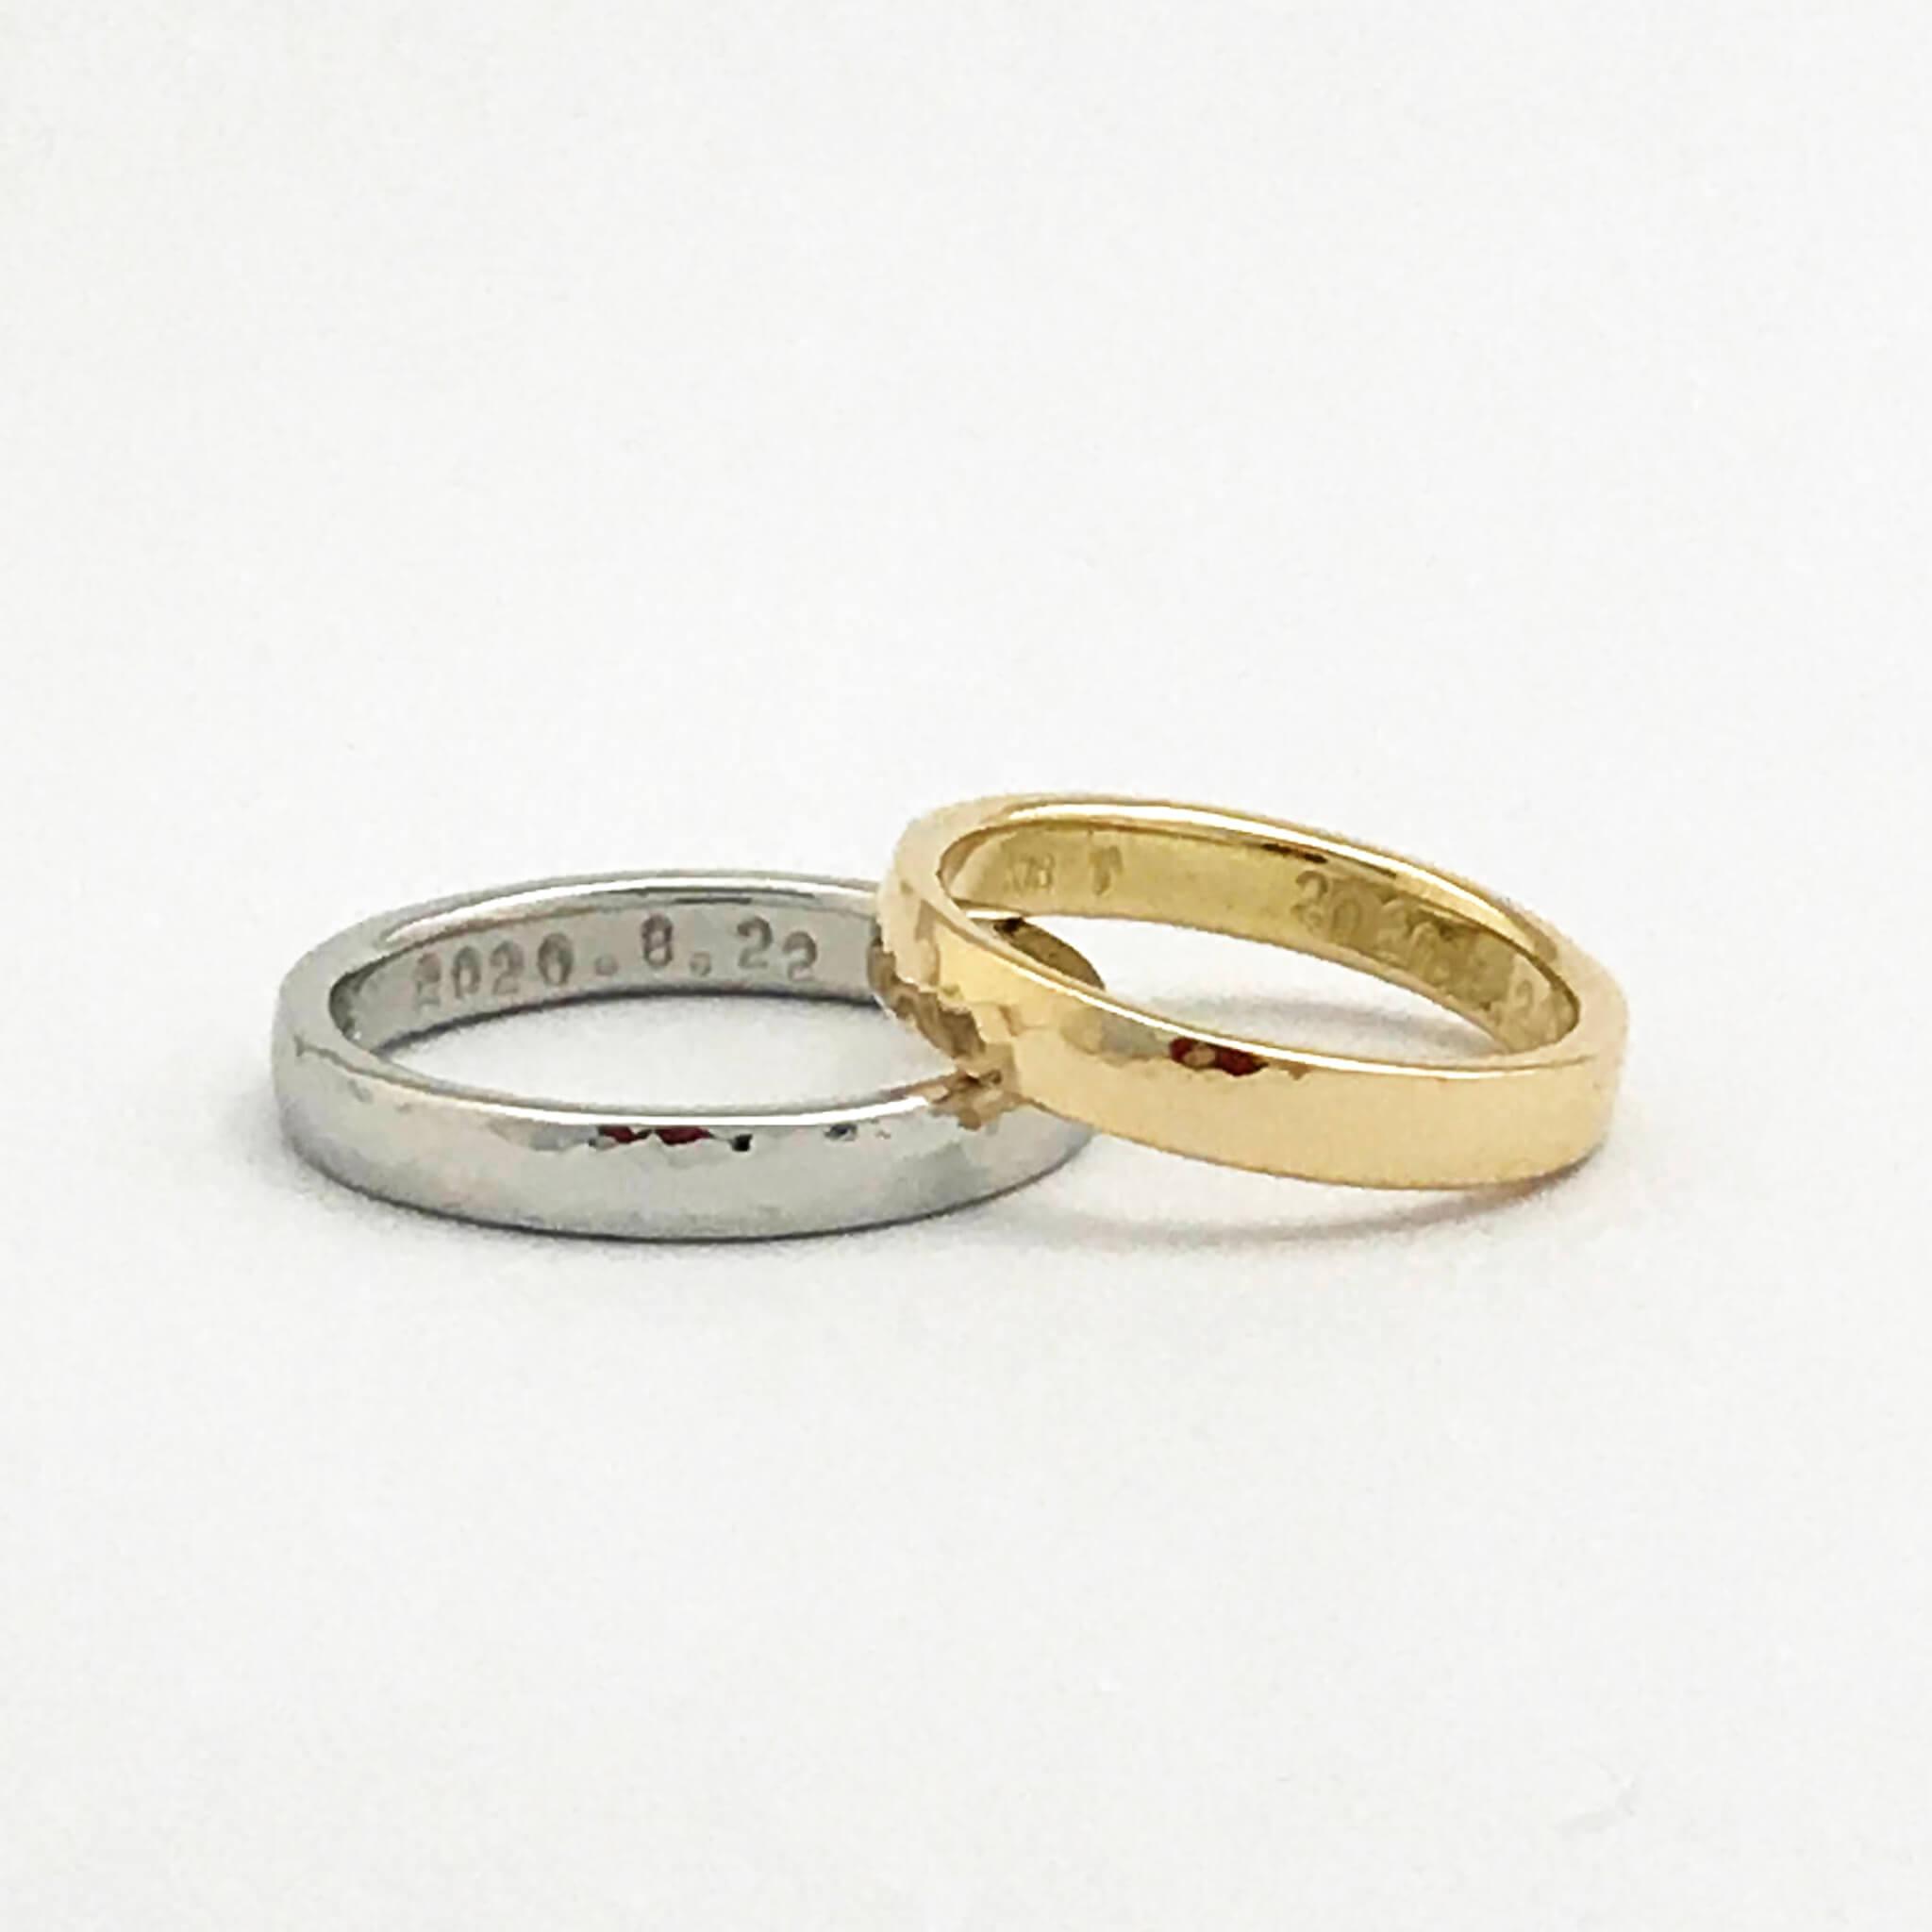 【お客様の声】槌目の手作り結婚指輪